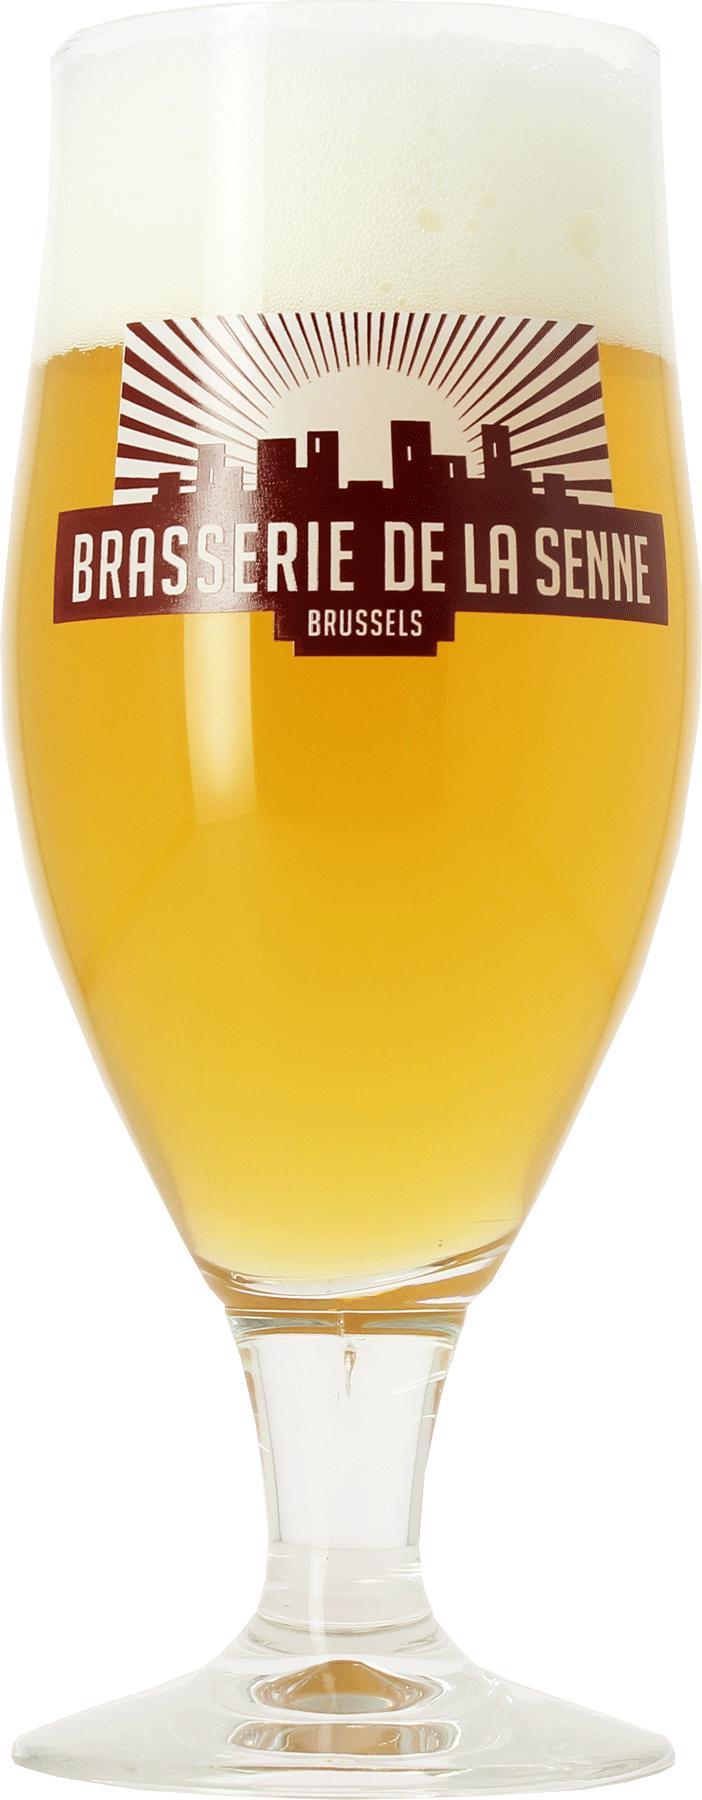 Copa Brasserie De La Senne - 33 cl